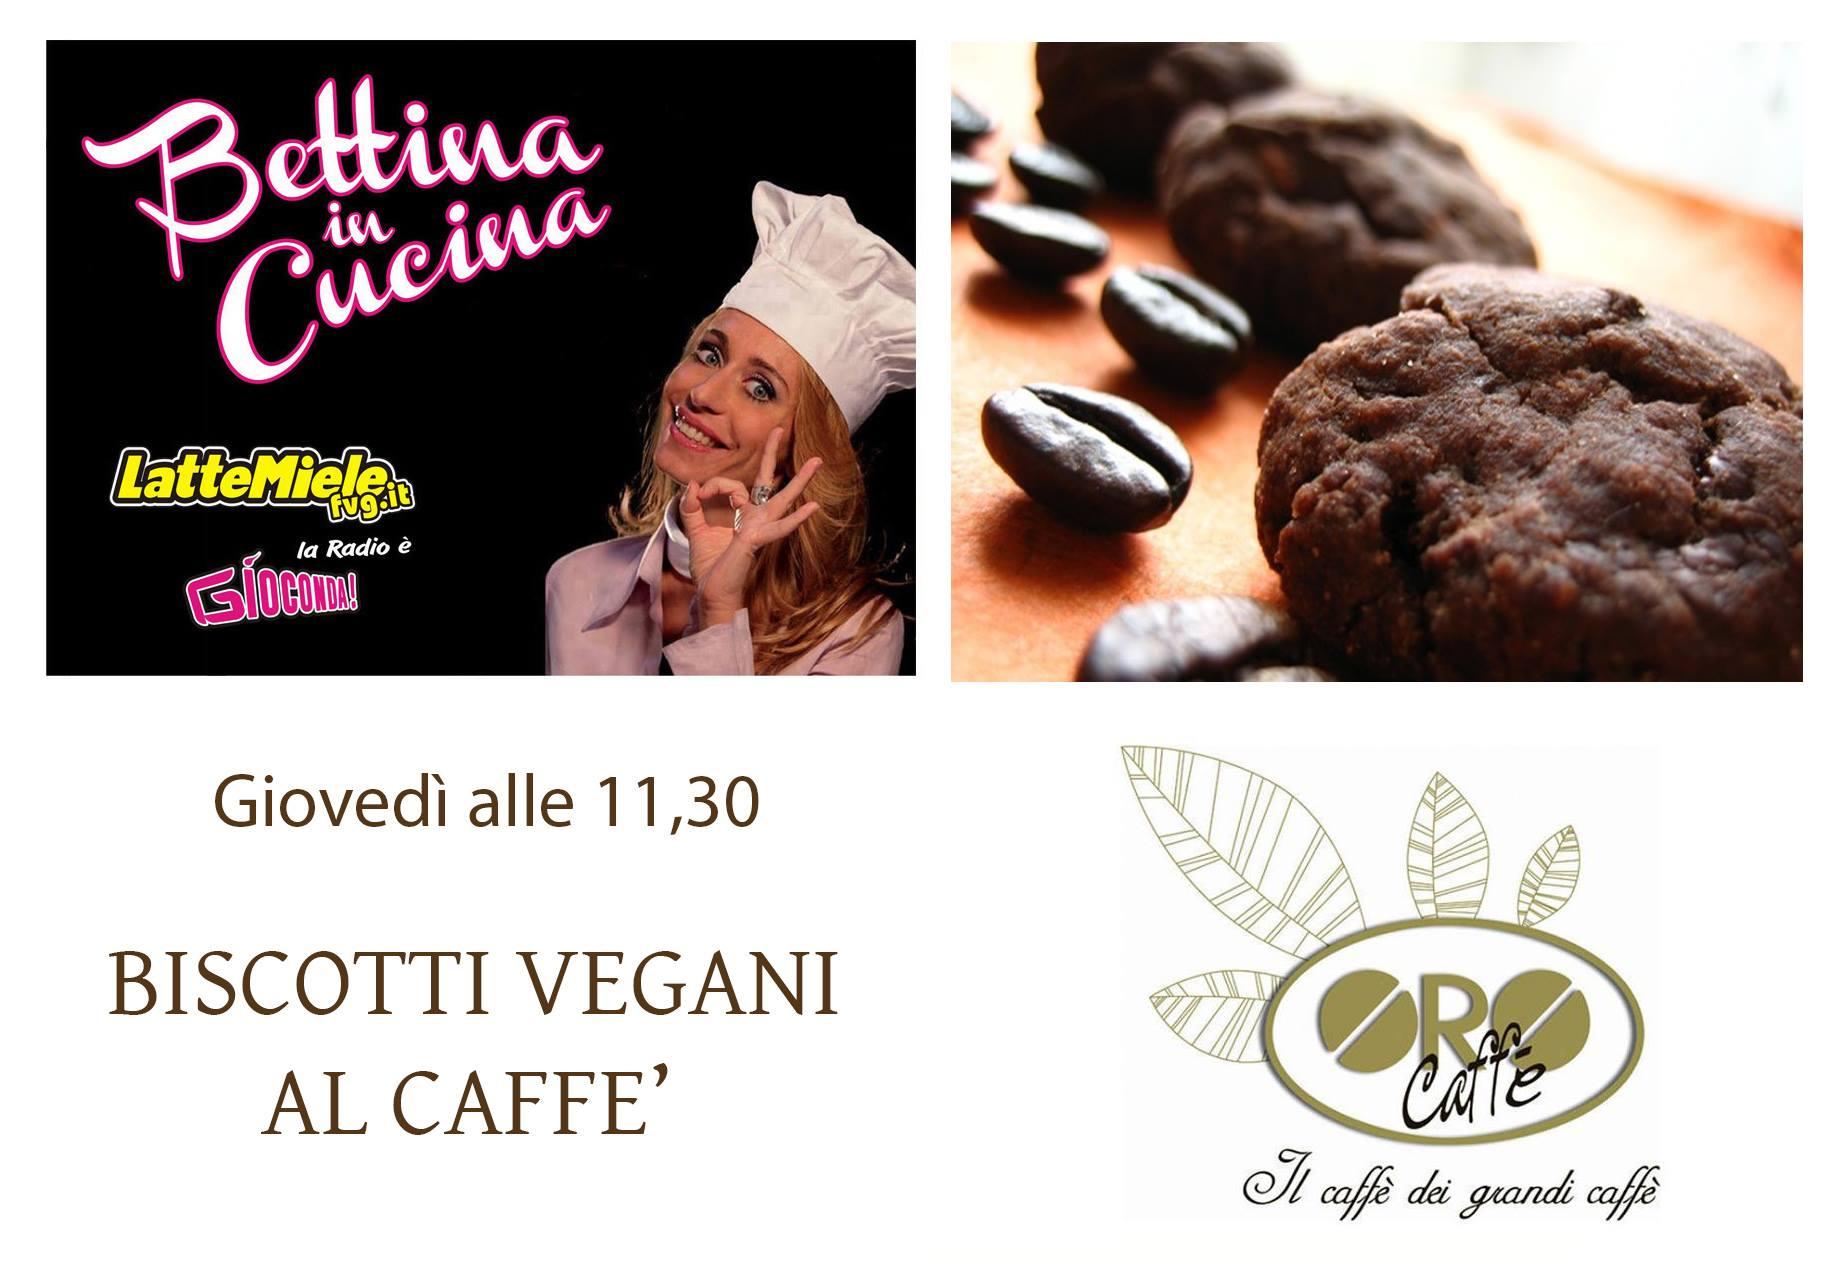 Bettina in Cucina con Oro Caffè